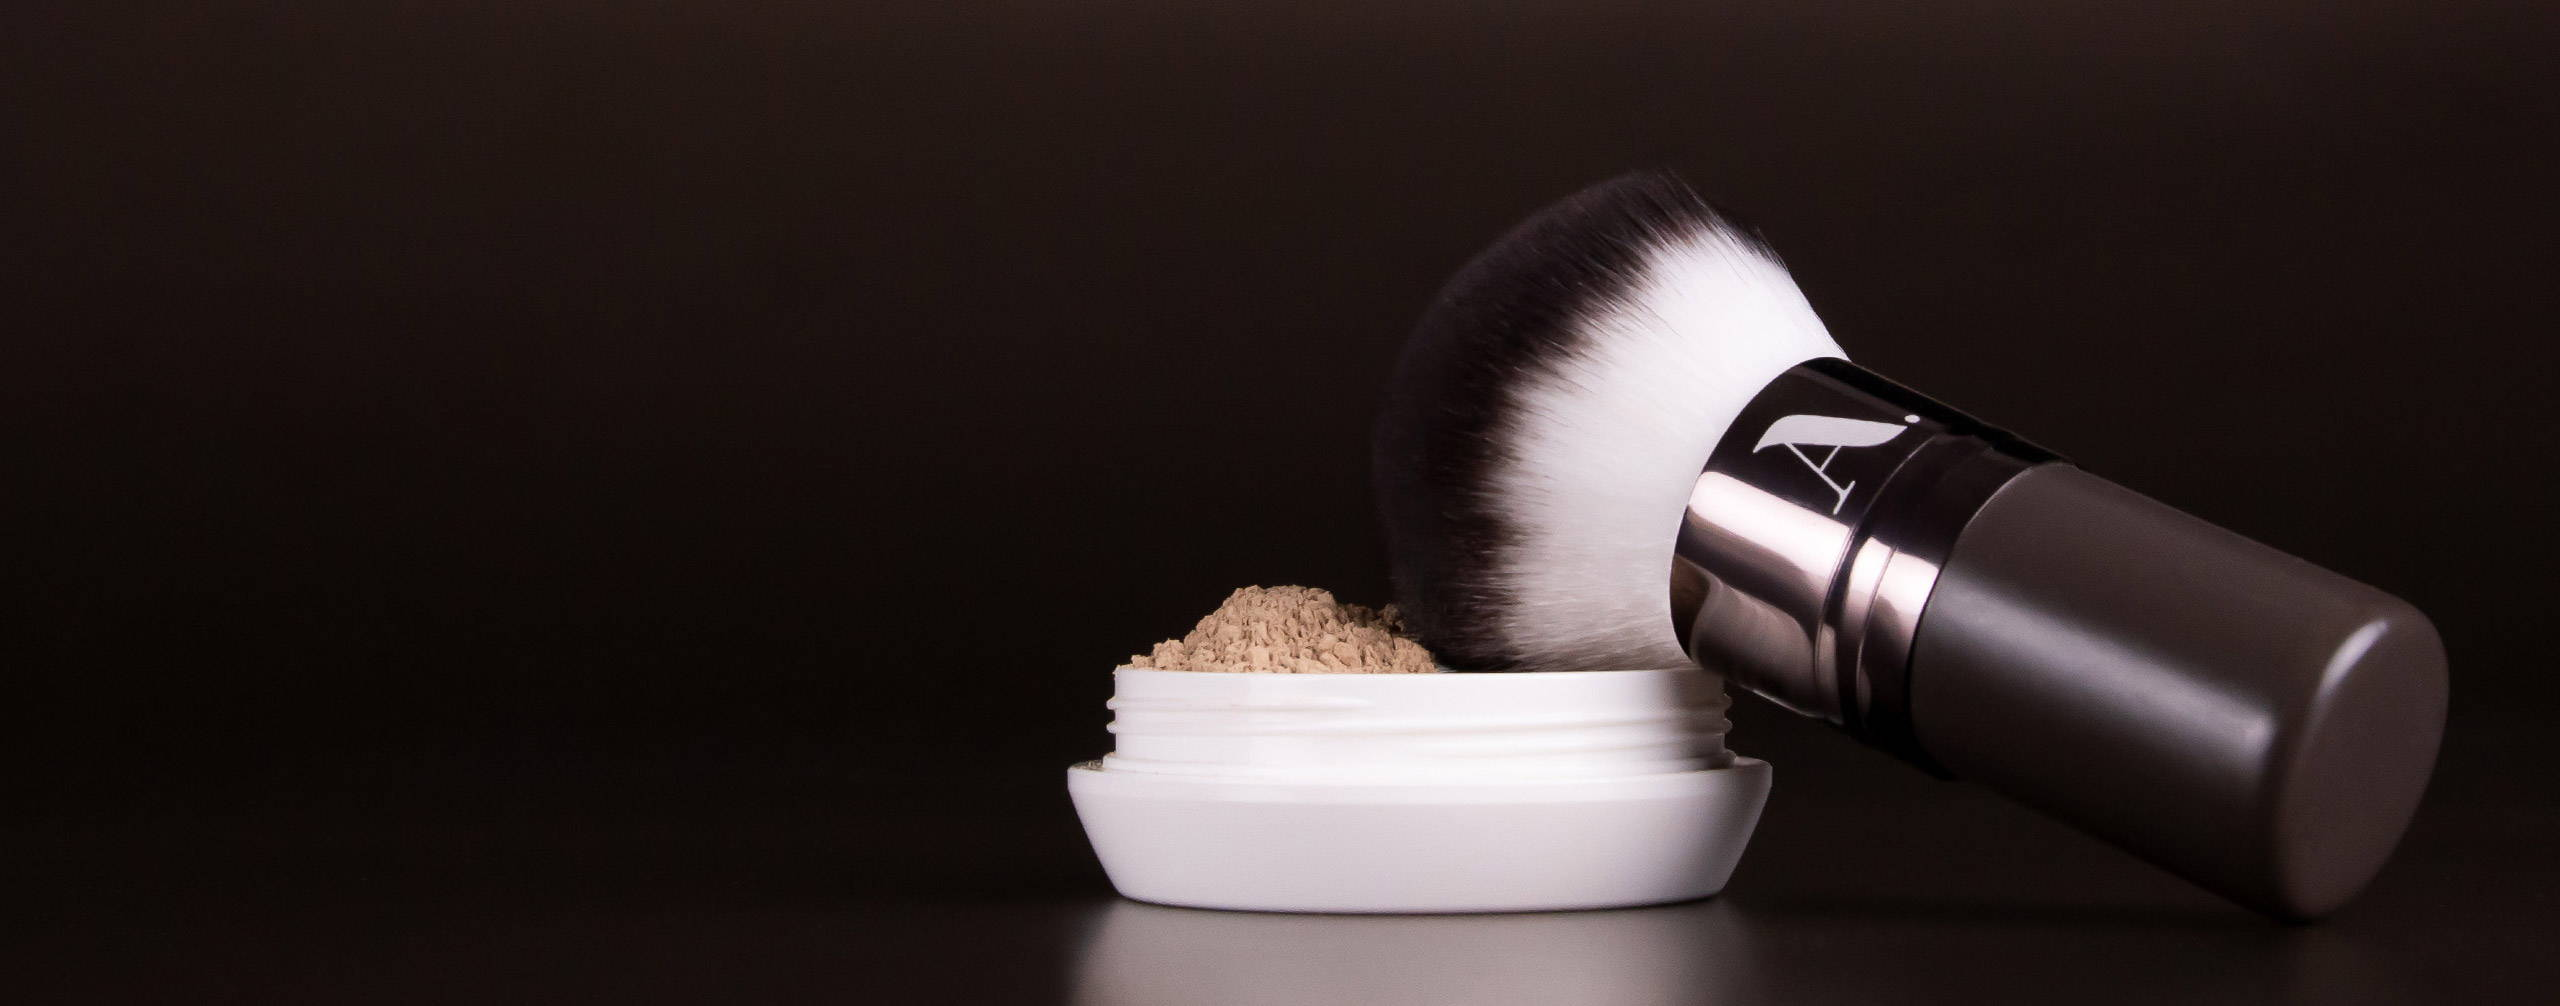 Andrea.Biedermann Mineral-Puder mit Kabuki Pinsel